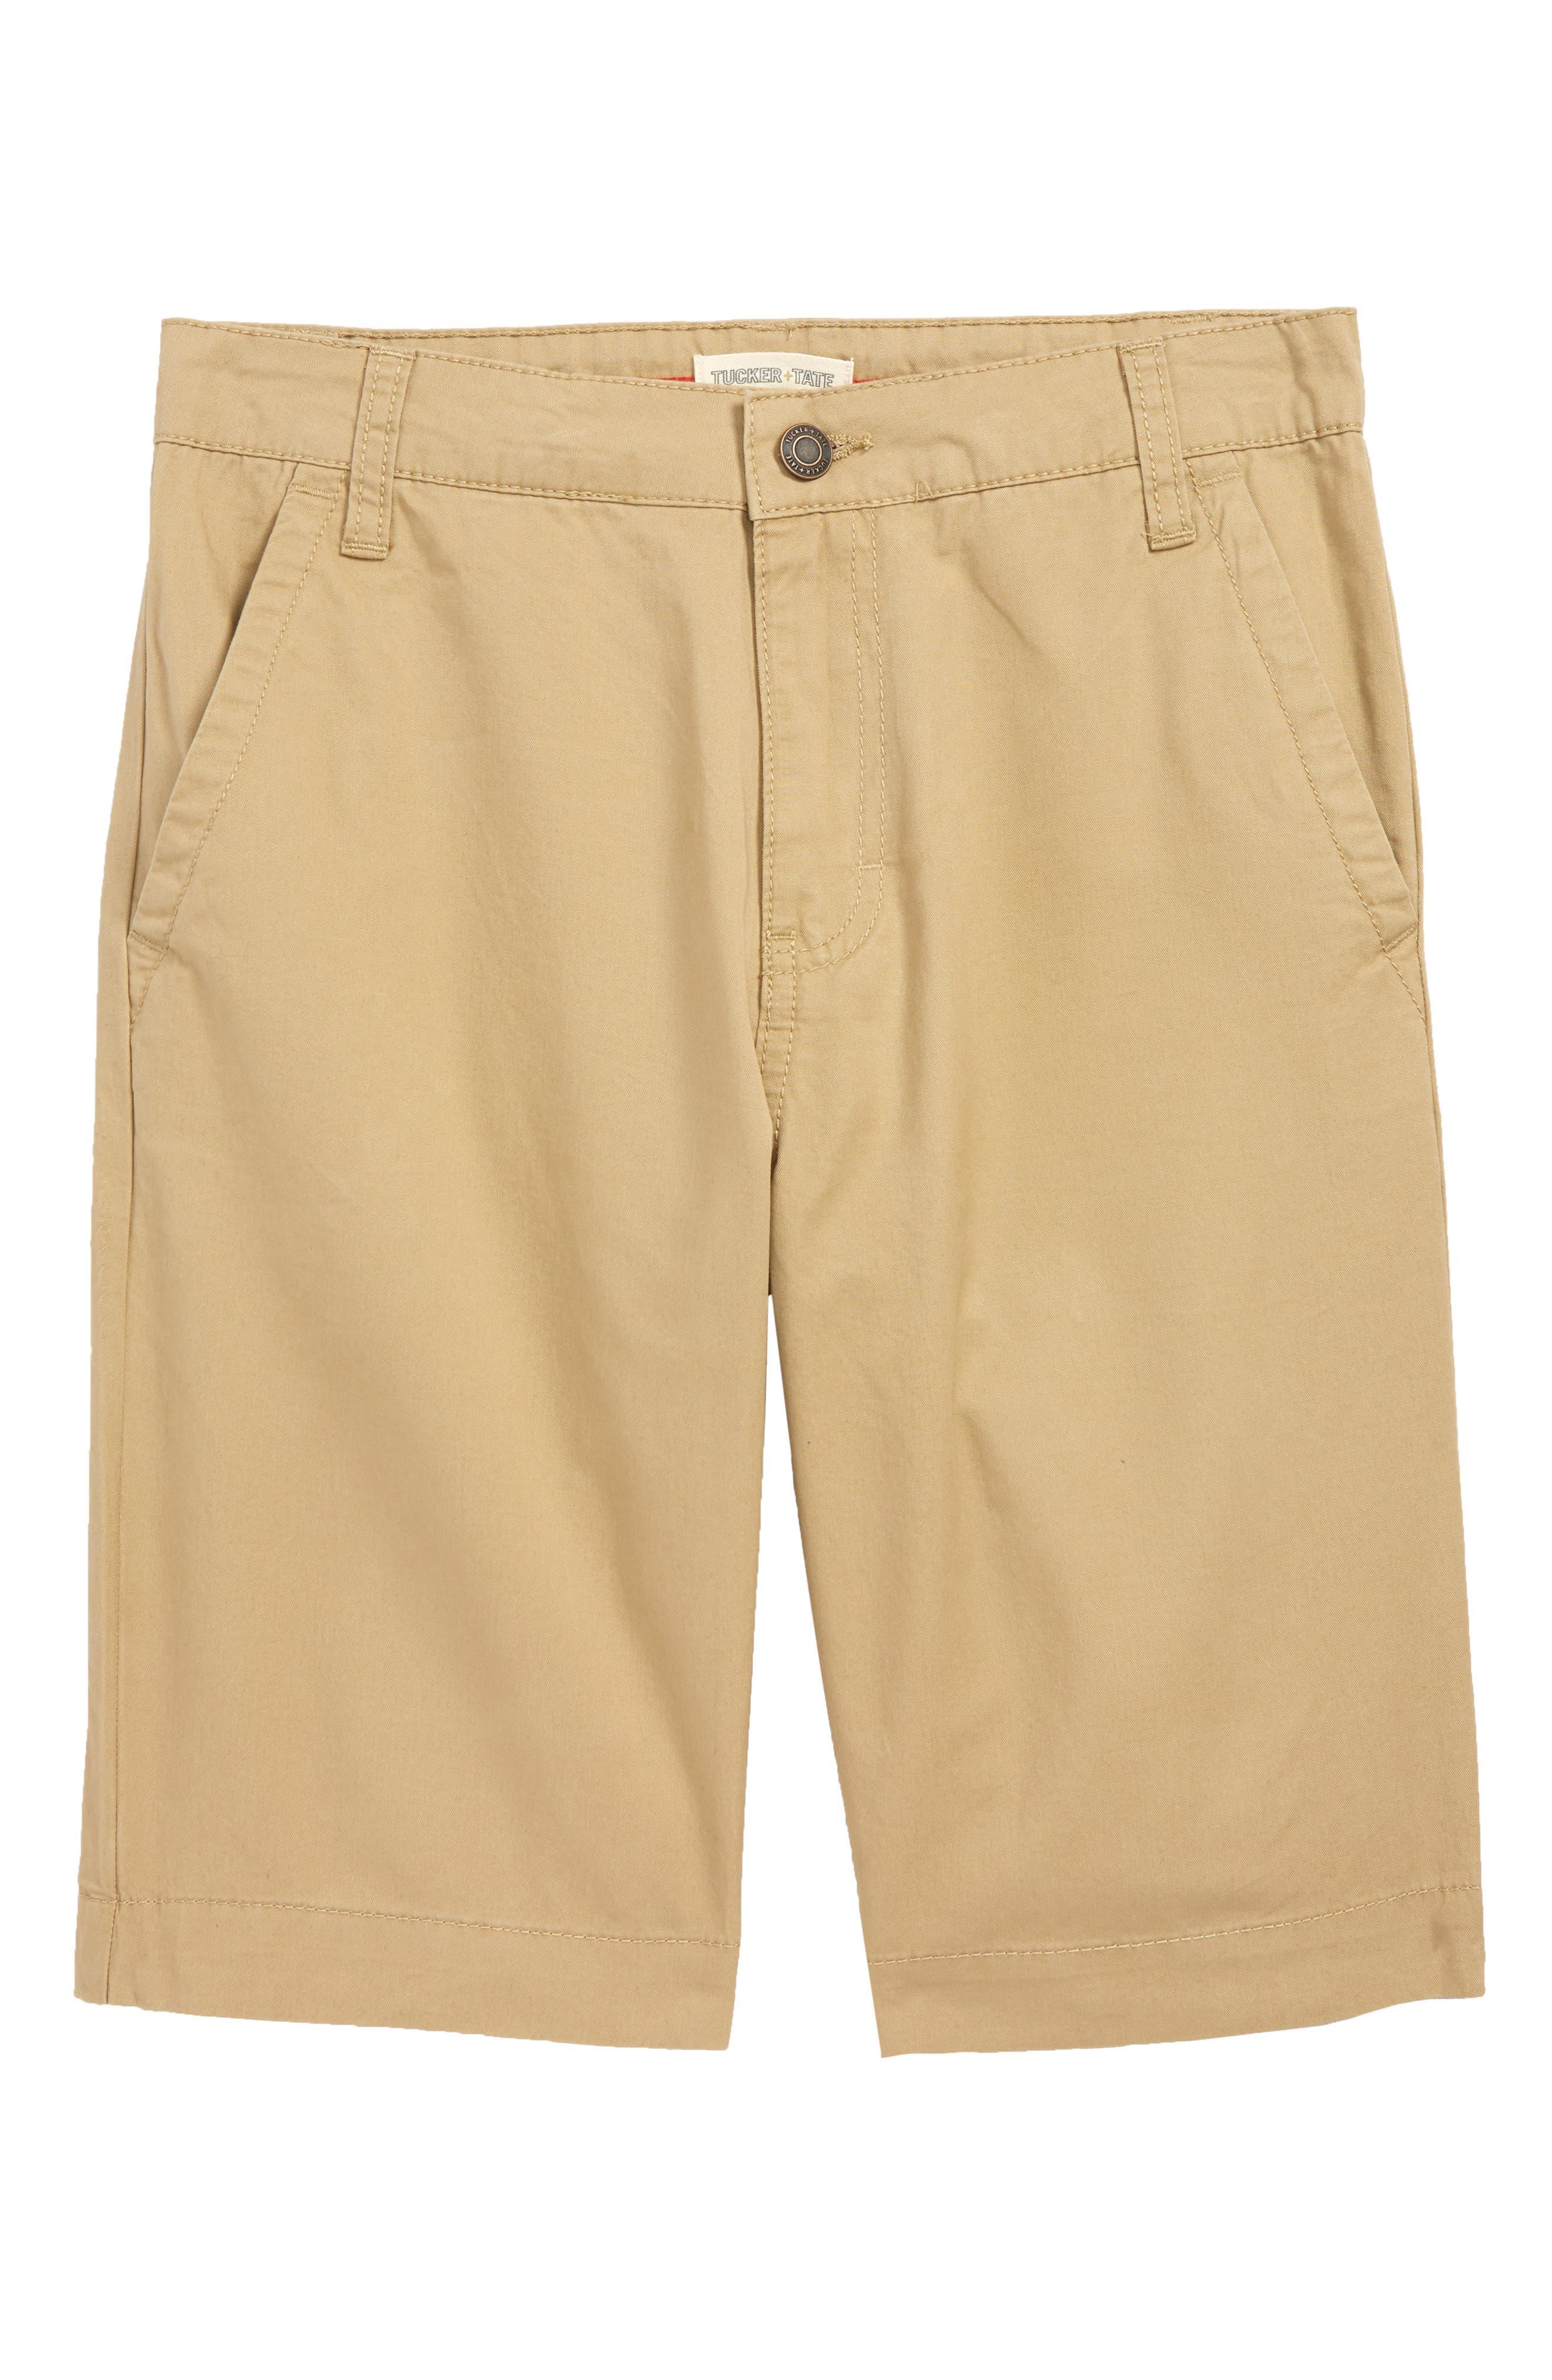 TUCKER + TATE Chino Shorts, Main, color, 230